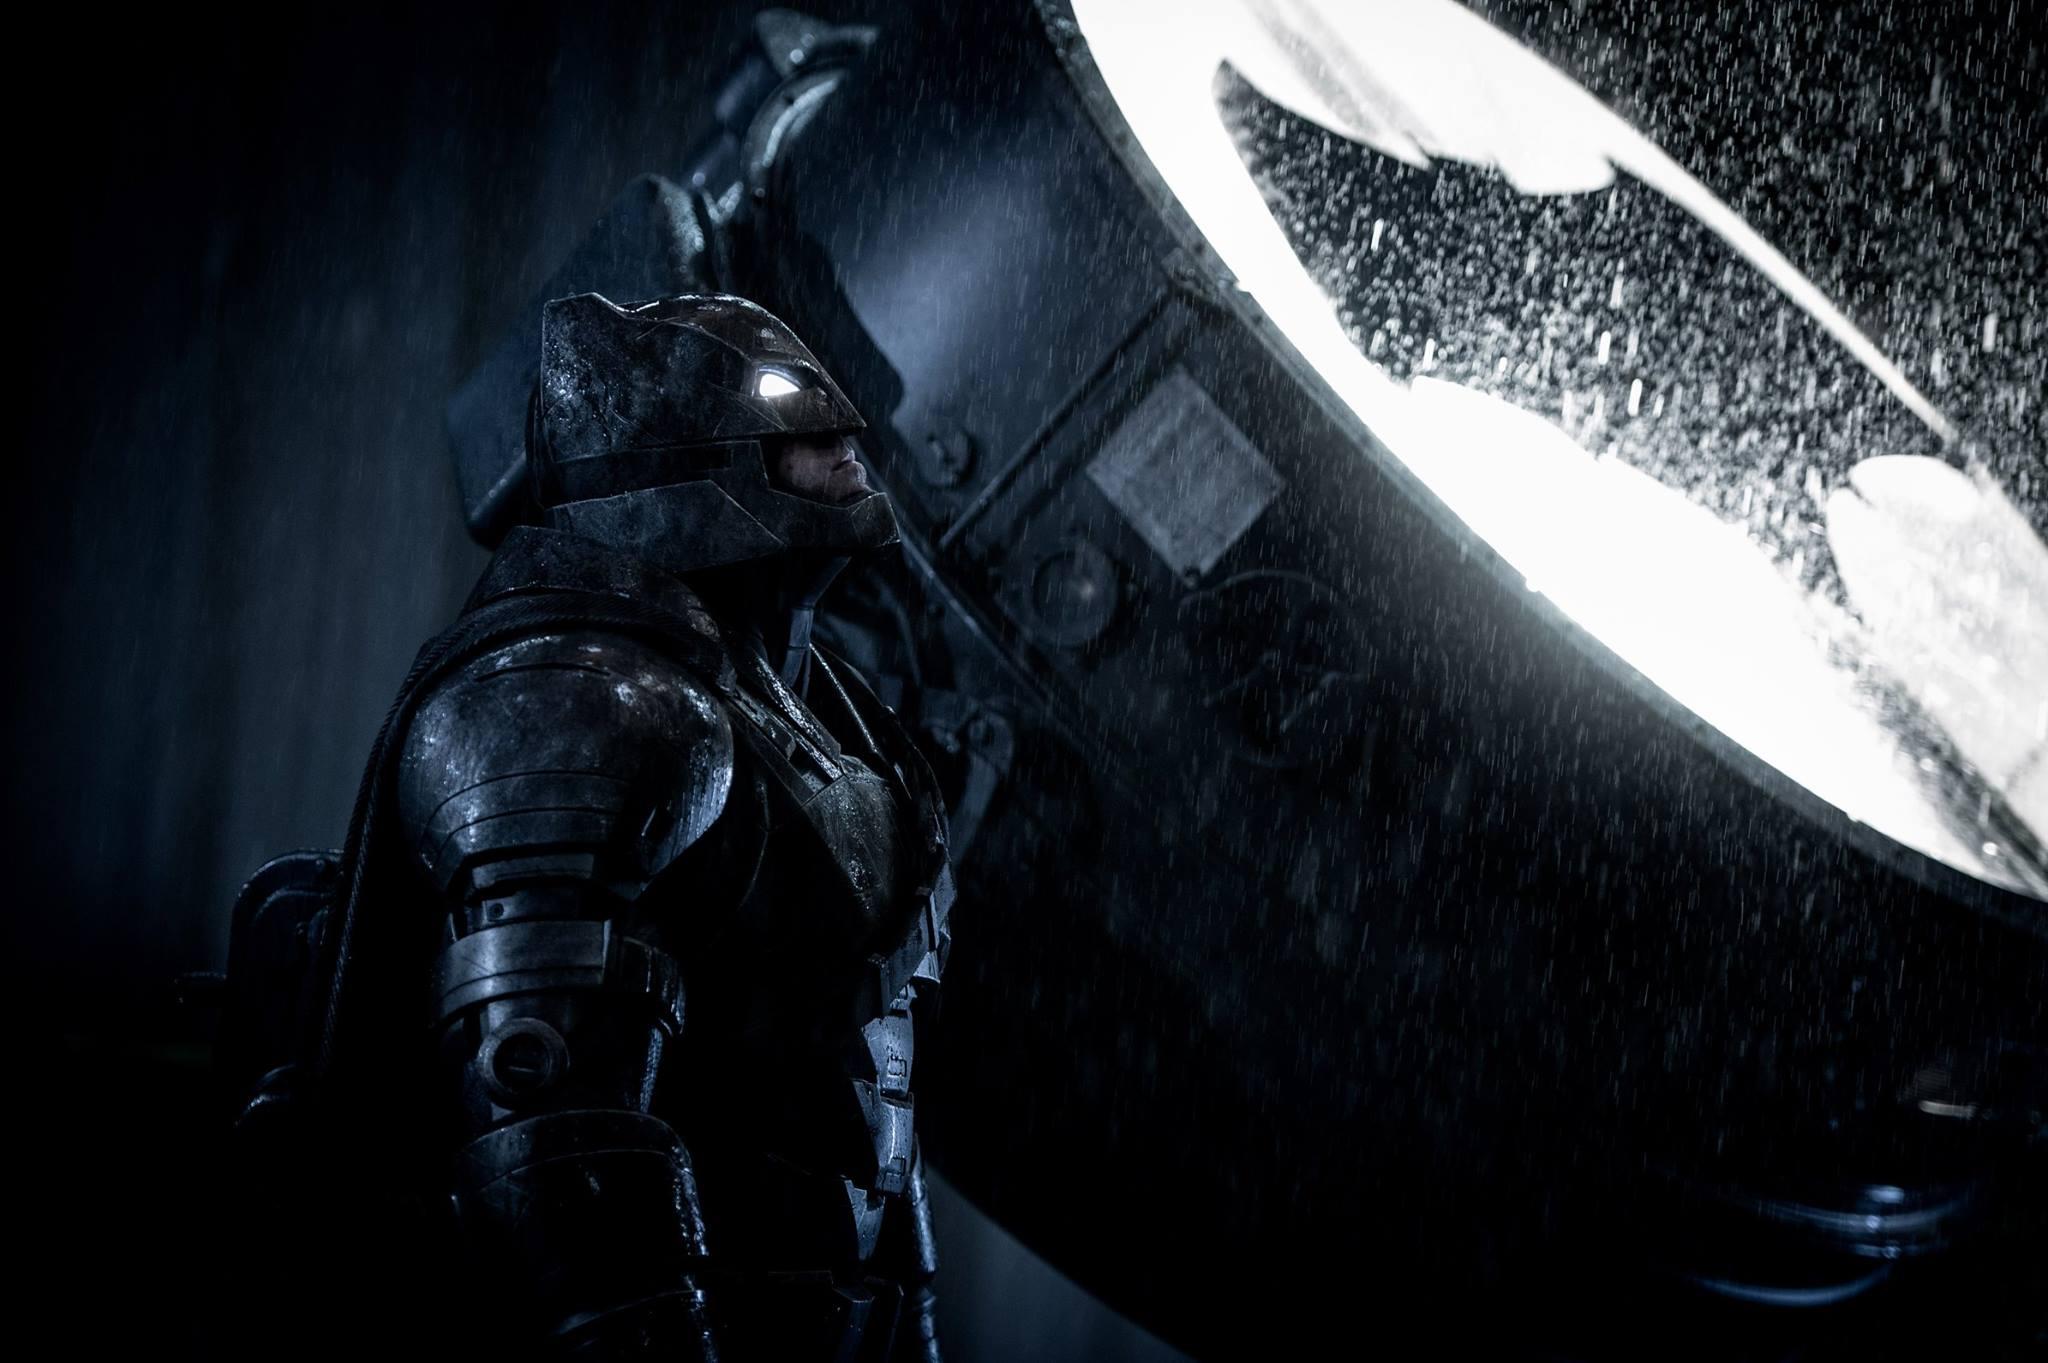 The Batman, Justice League